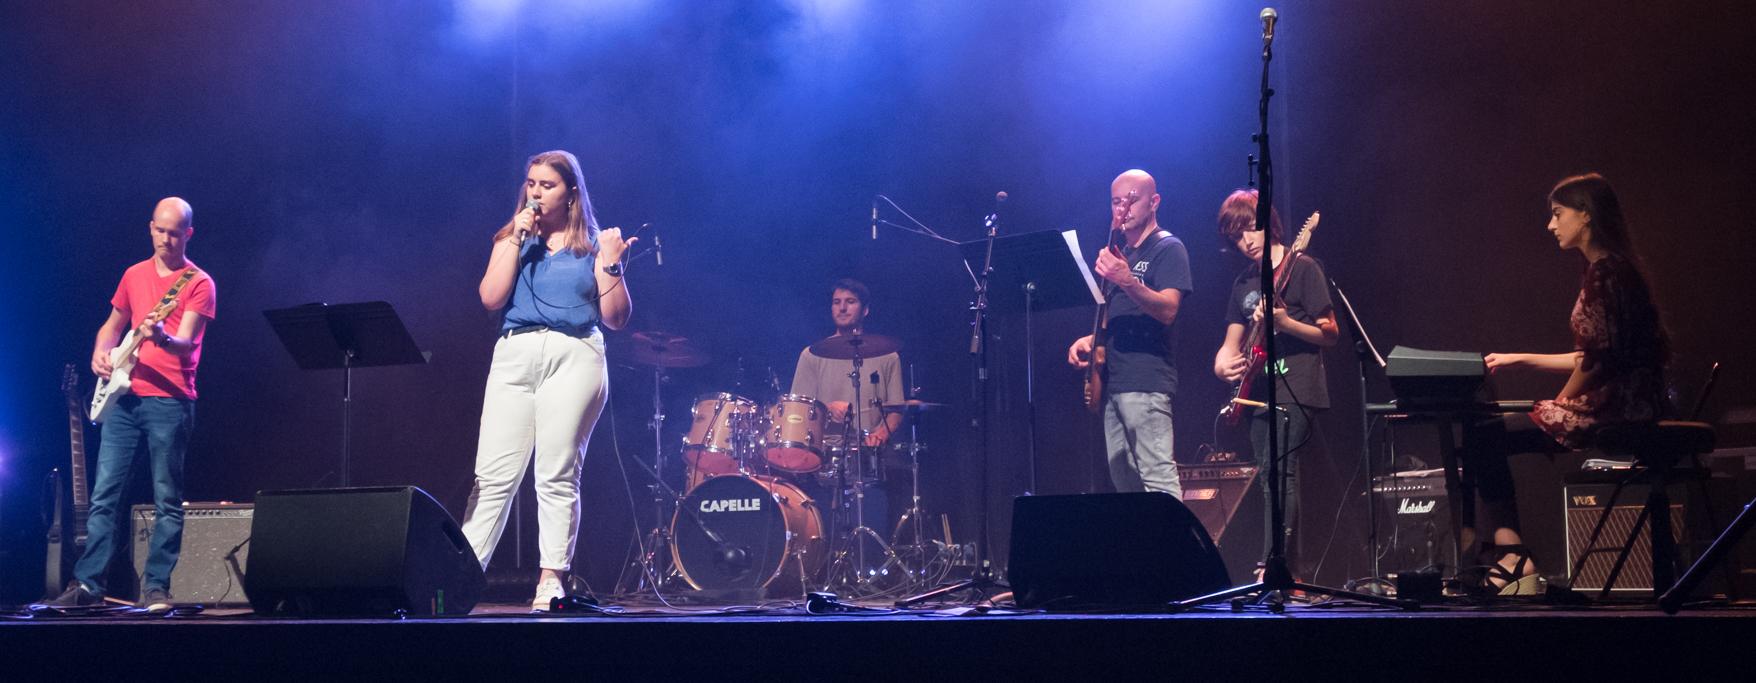 Concert Ecole musique_04_Didier Kohn-